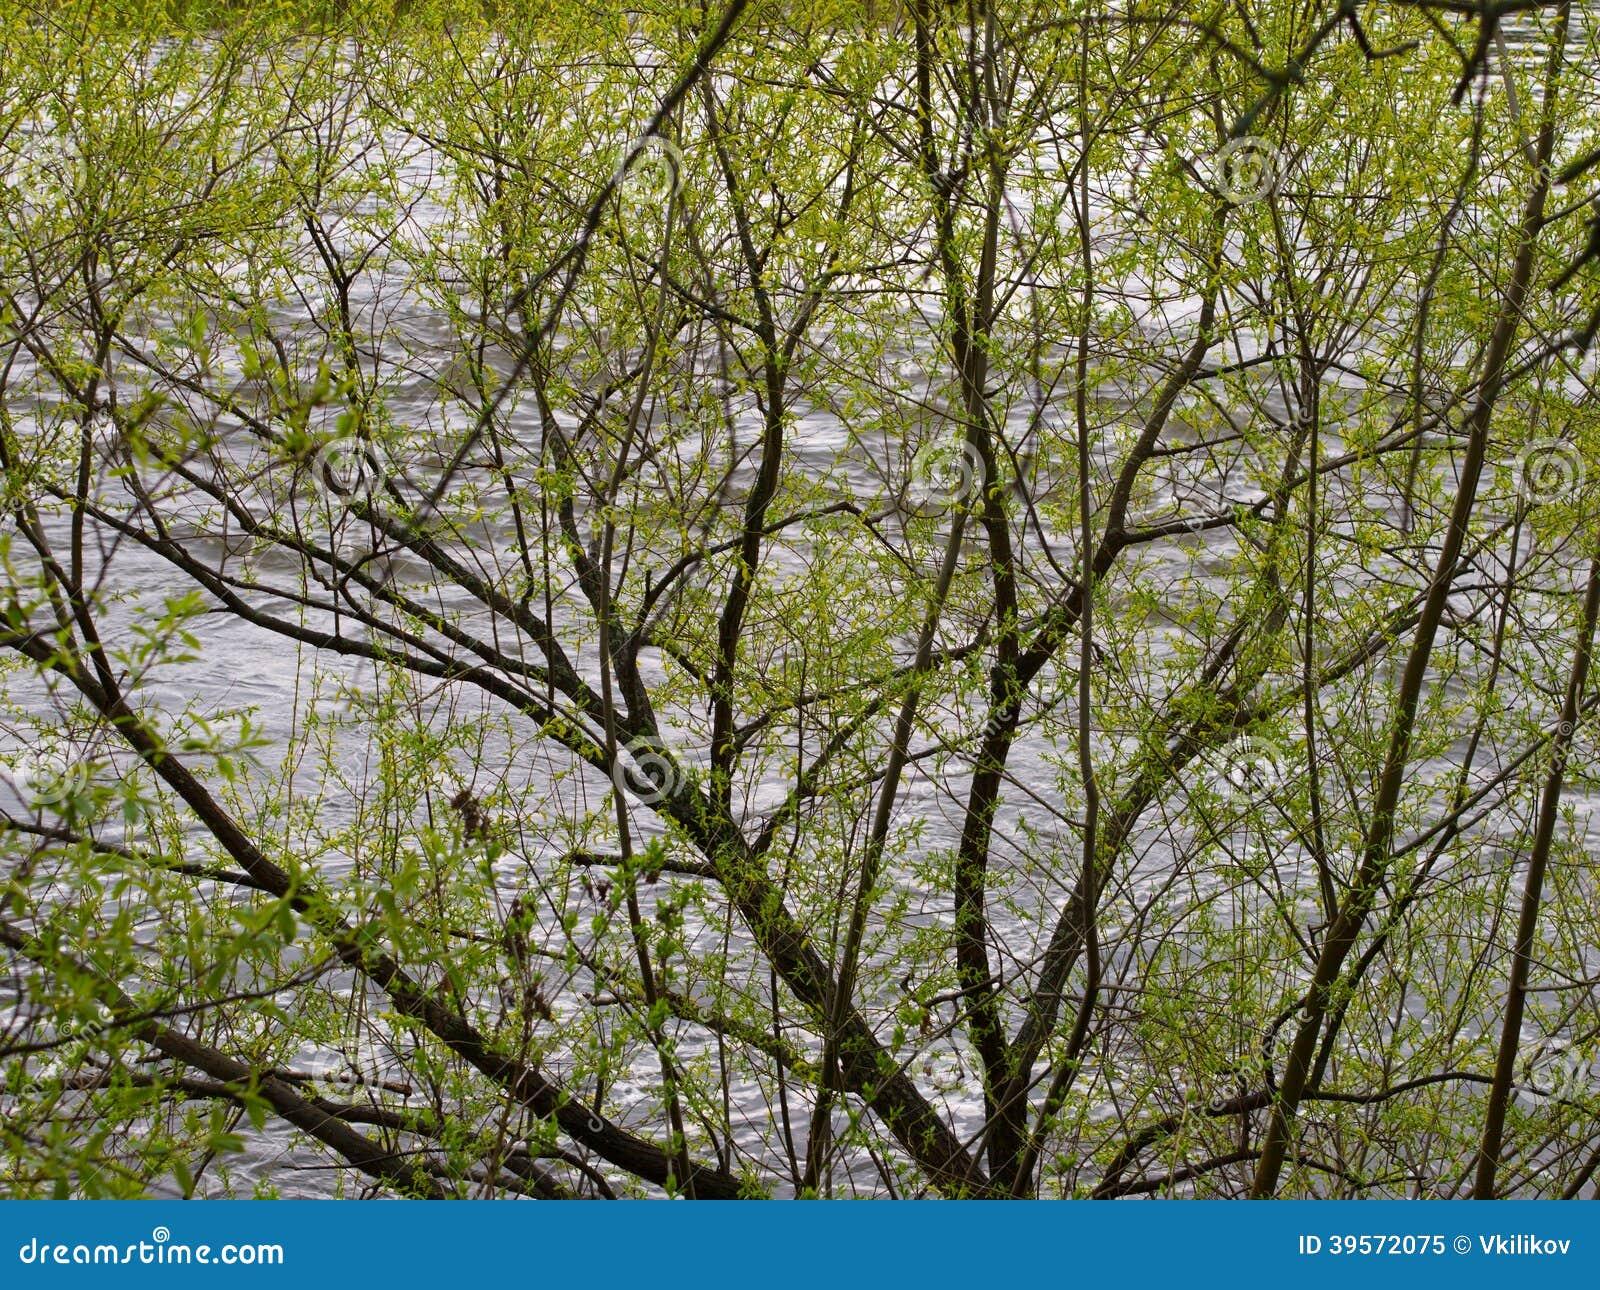 Картинки весны с вербой